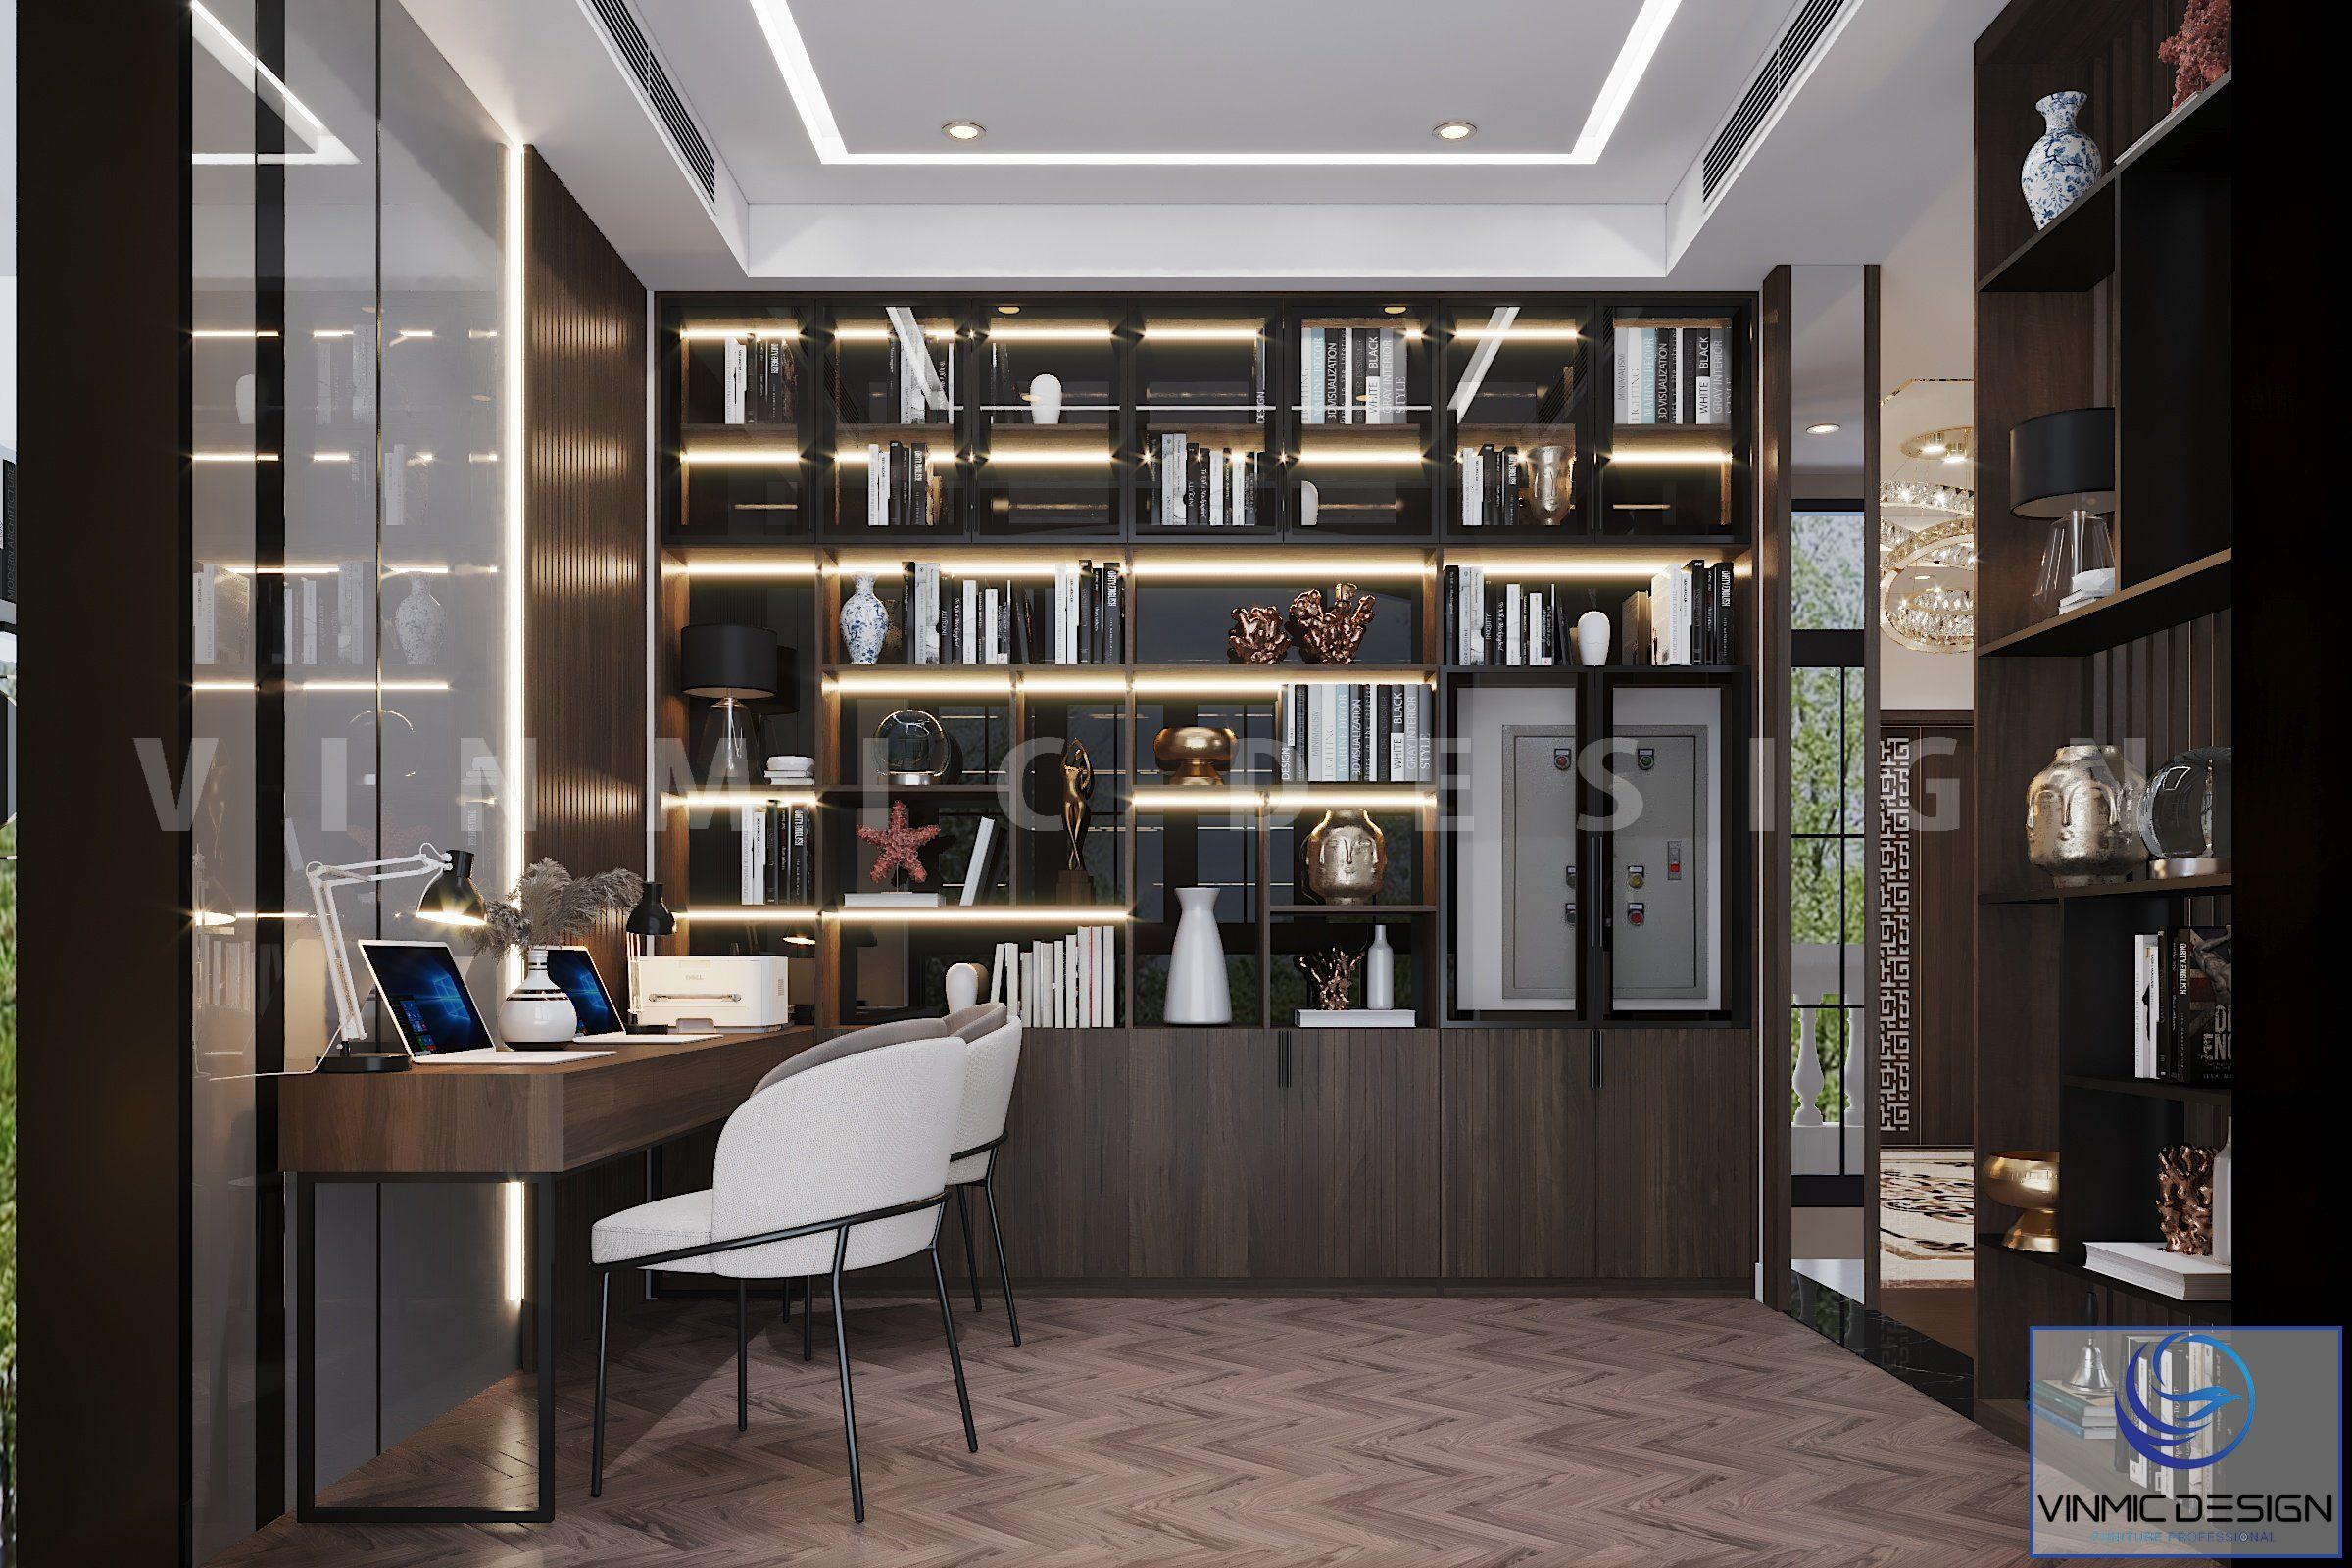 Thiết kế nội thất phòng đọc sách hiện đại tại biệt thự Vinhomes Imperia Hải Phòng